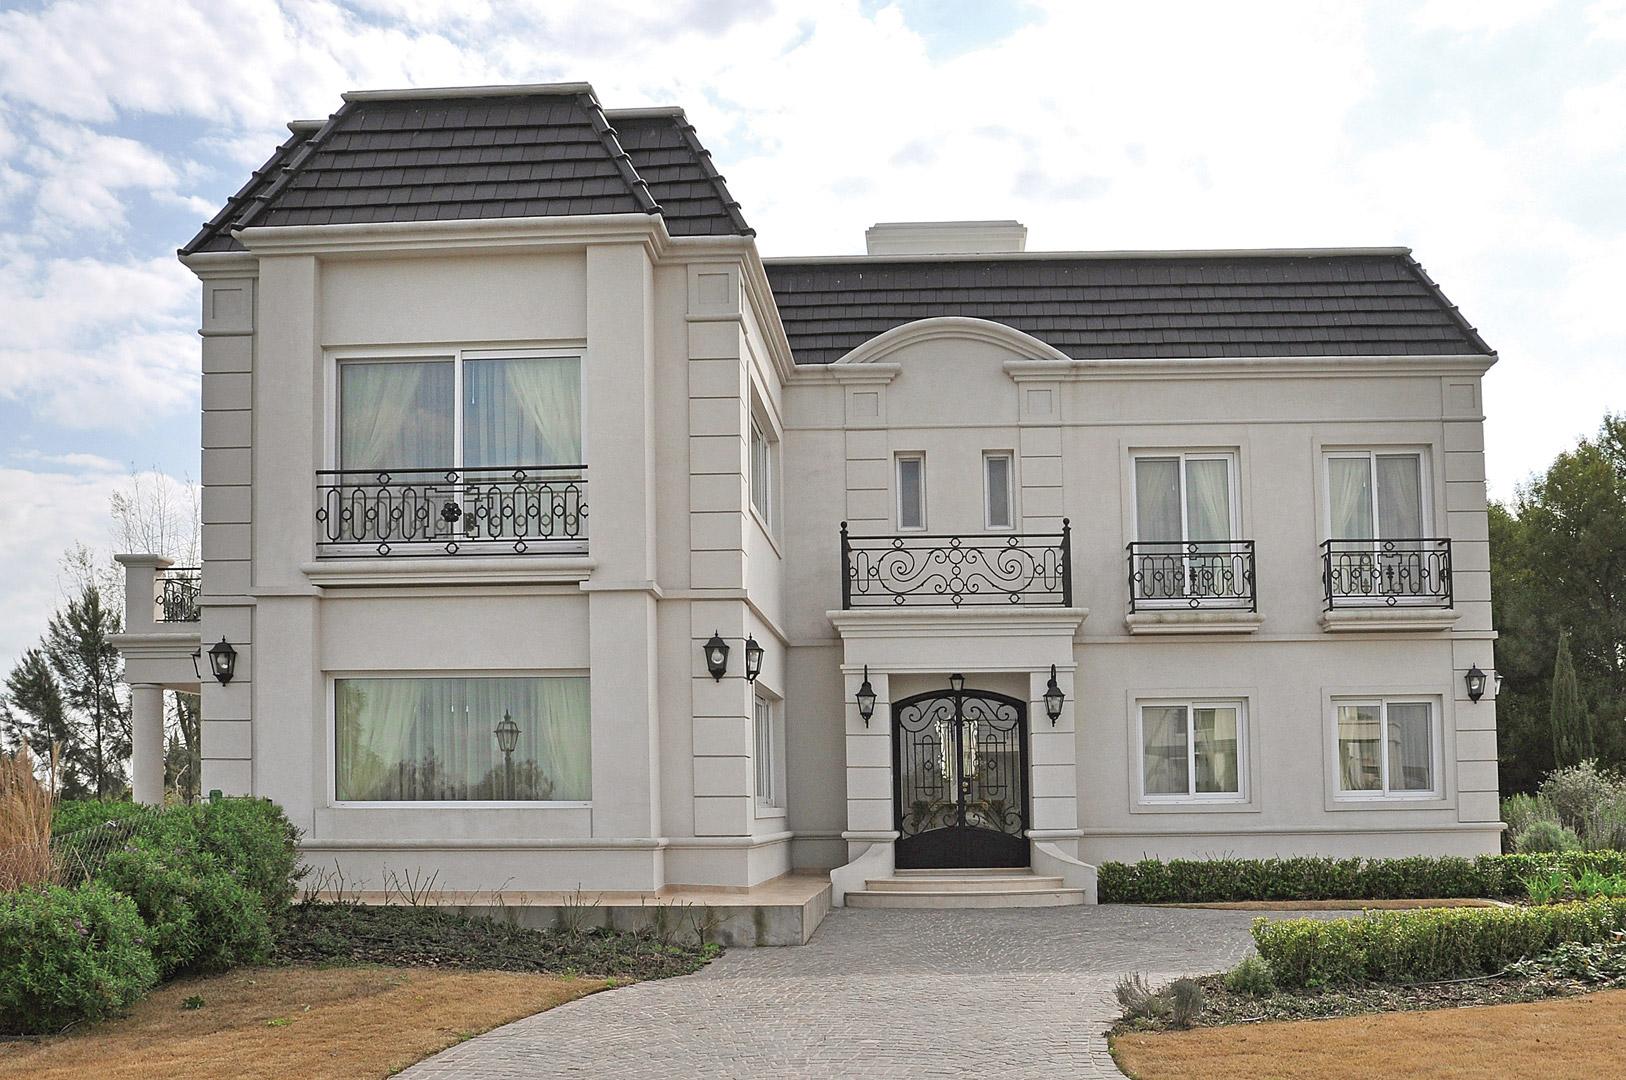 Vaccarezza tenesini angelone arquitectos casa estilo - Casas estilo frances ...